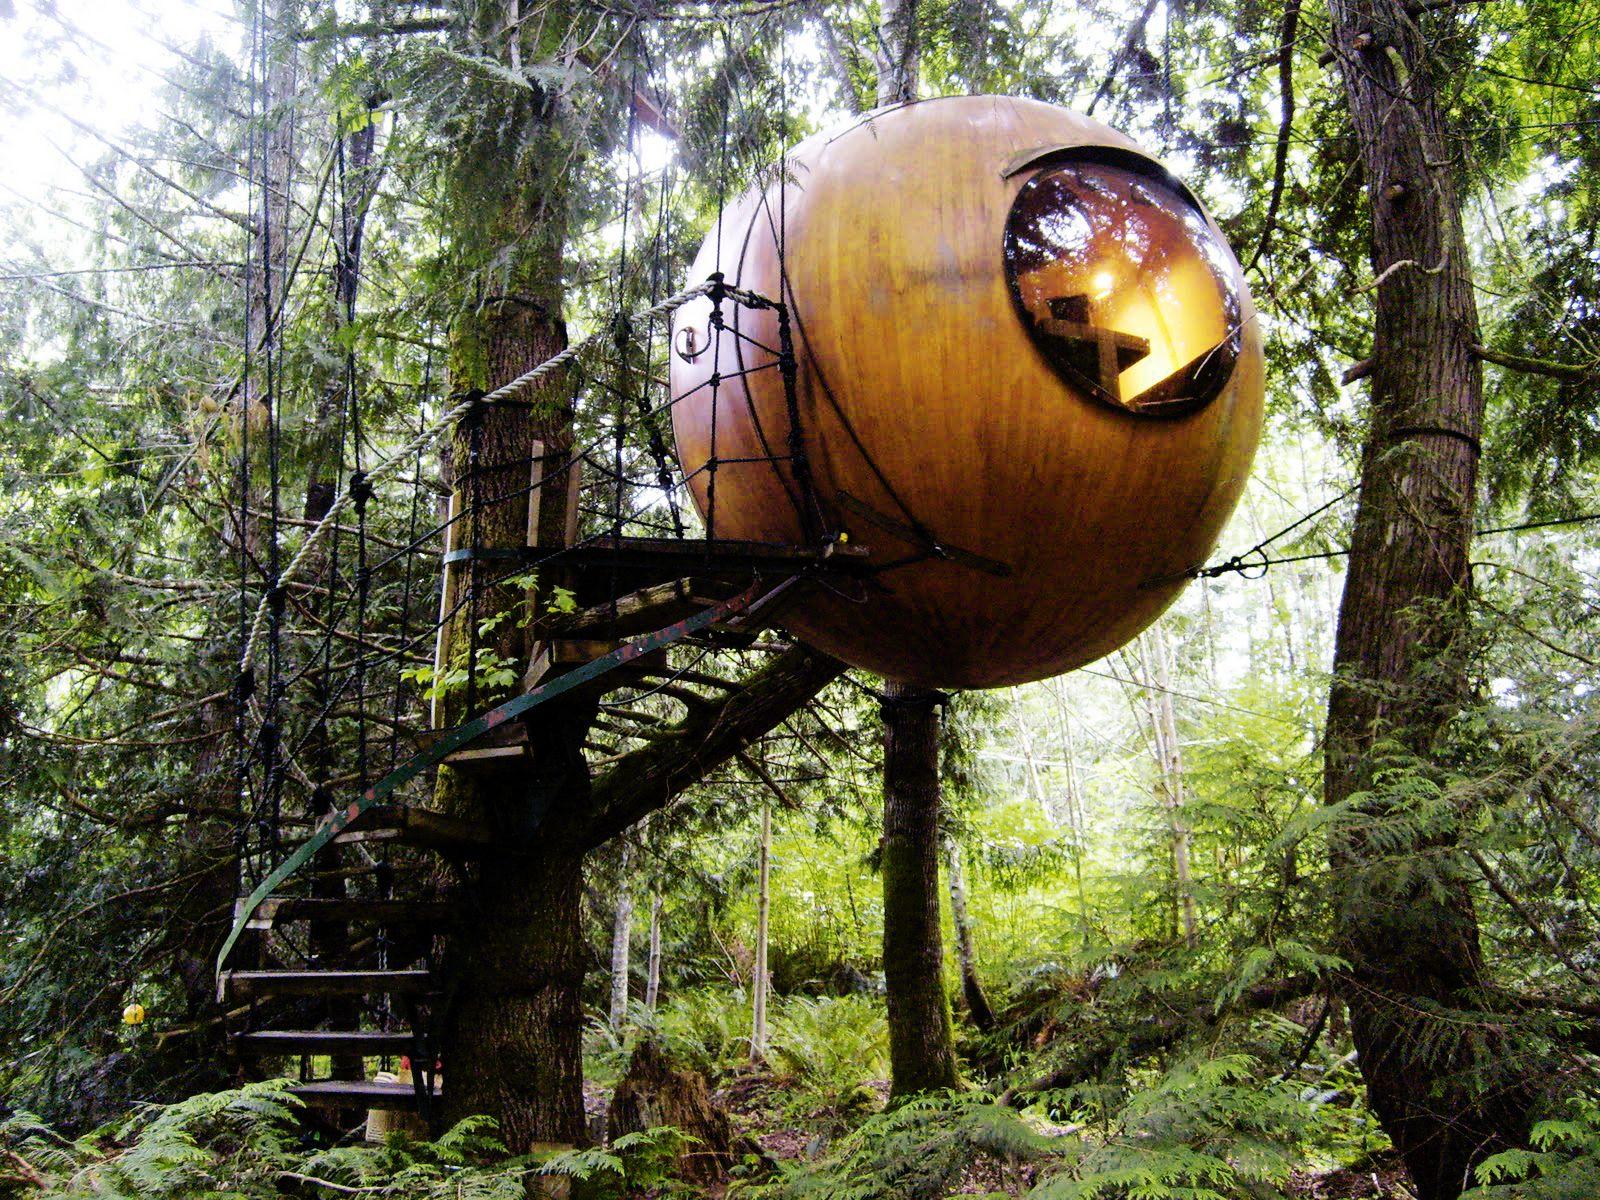 Free-Spirit-Spheres-British-Columbia-Canada-compressed